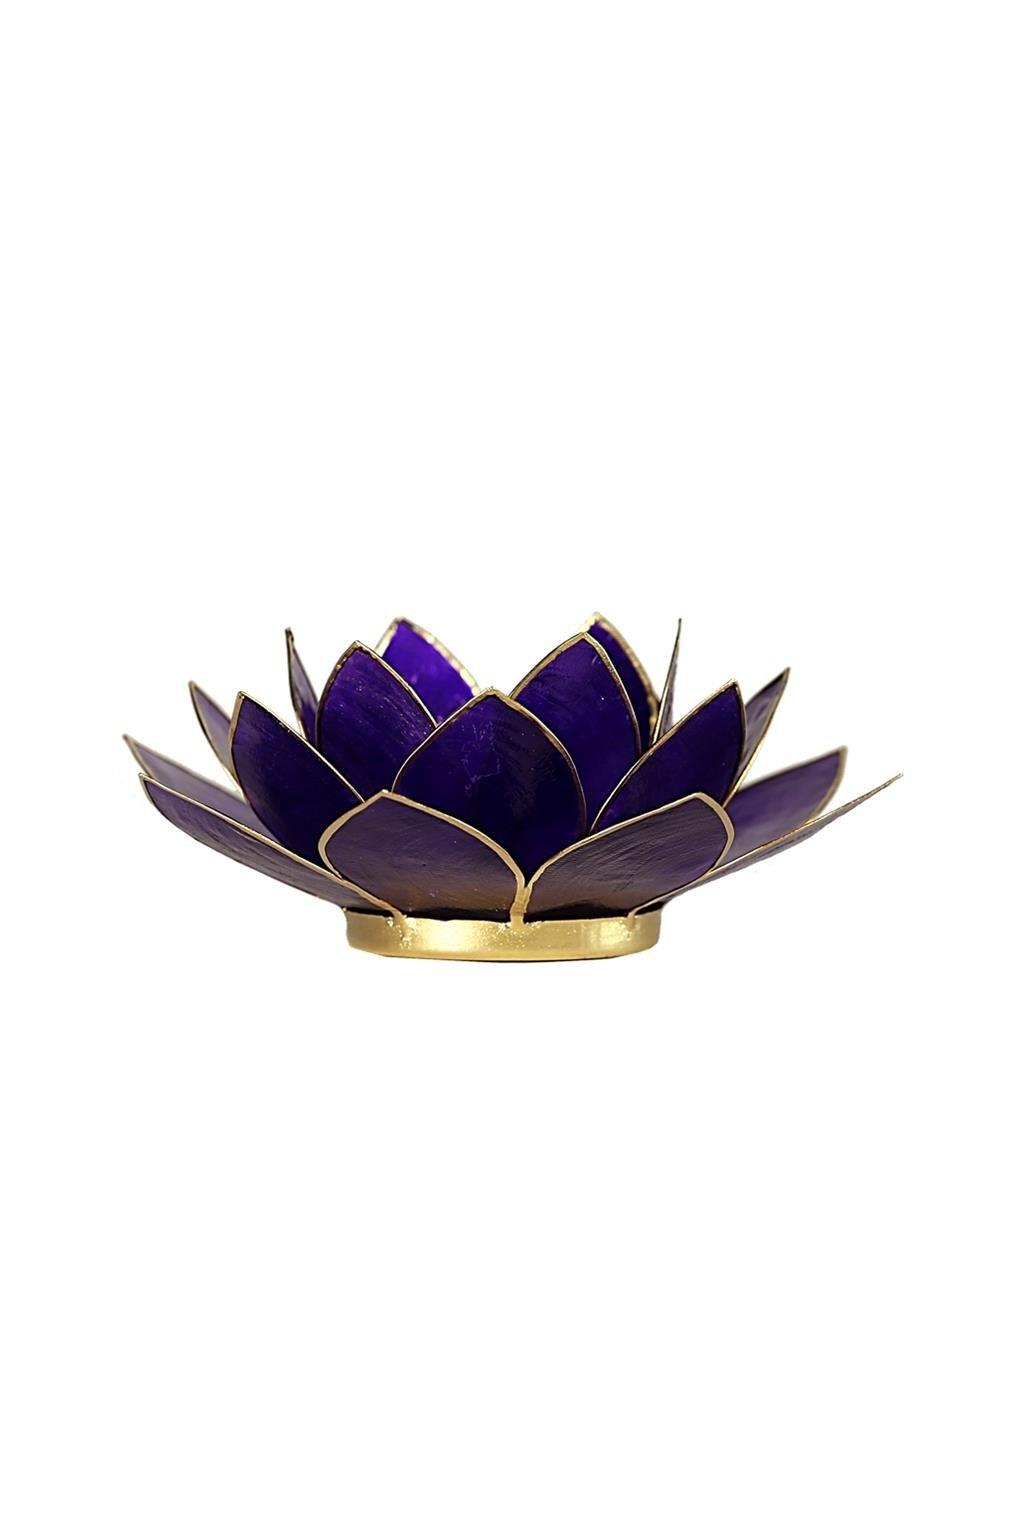 Lotosový svícen 7. čakra - zlatý okraj